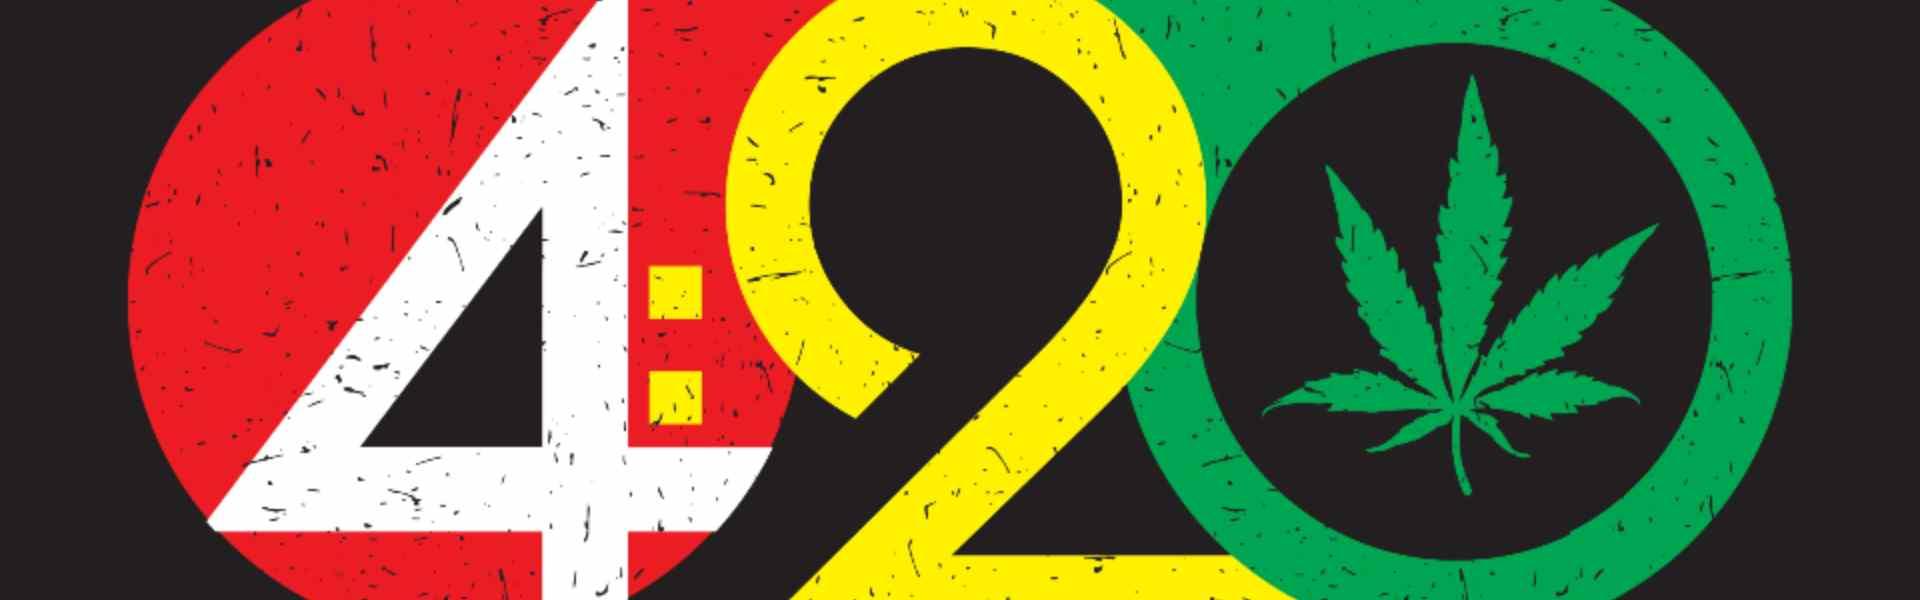 How did the Marijuana Holiday 420 start?